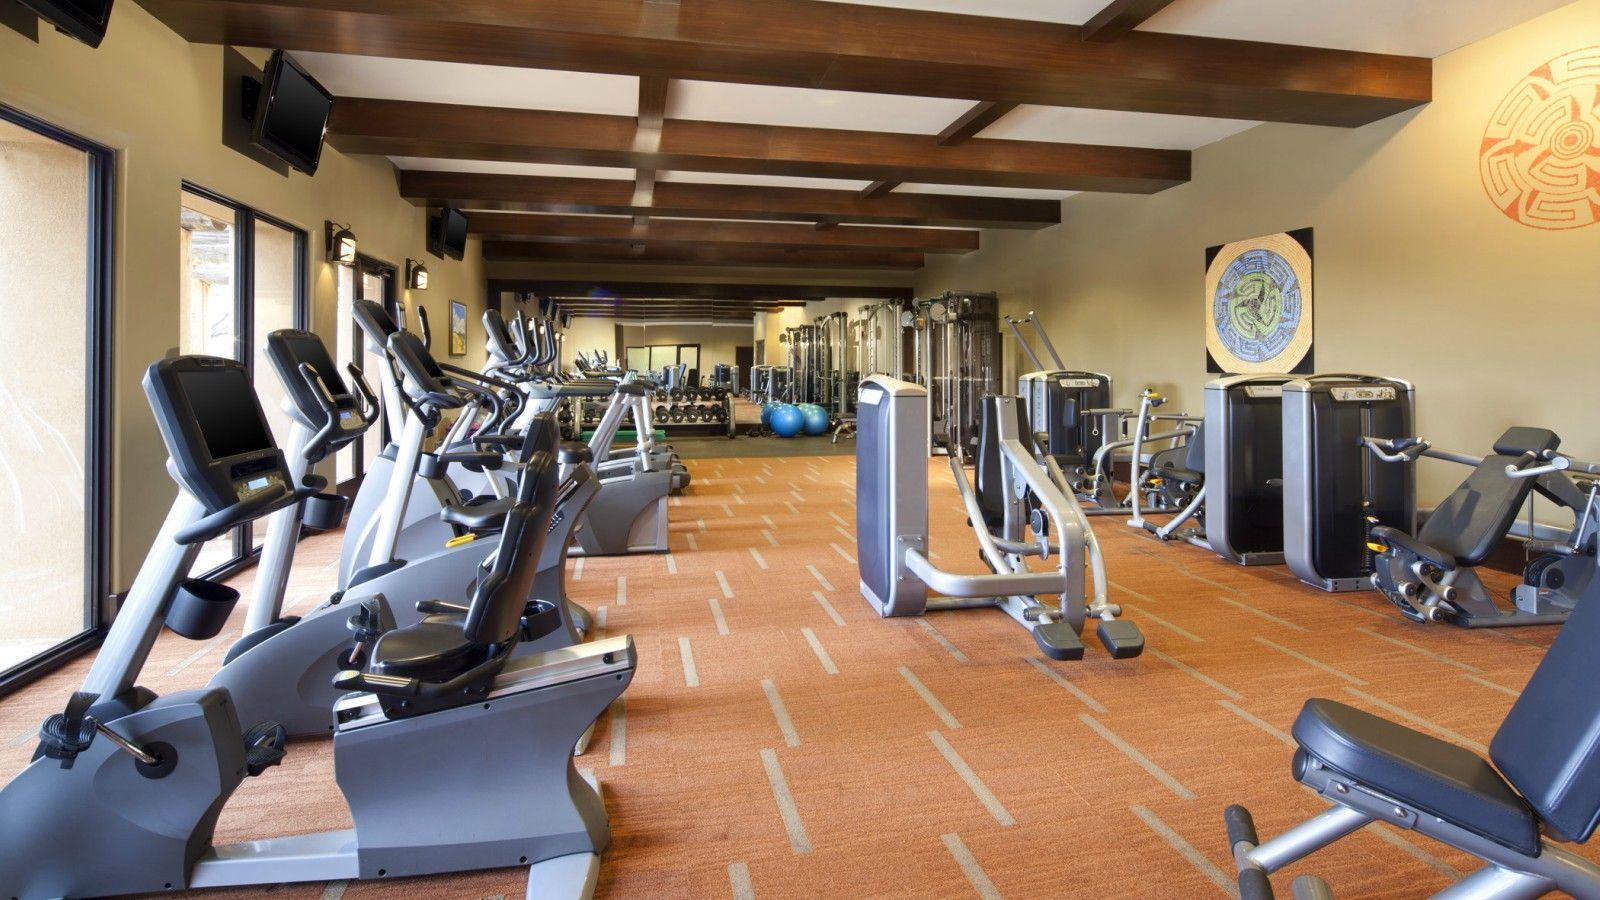 she1391fc-114897-FitnessCenter1600900.jpg